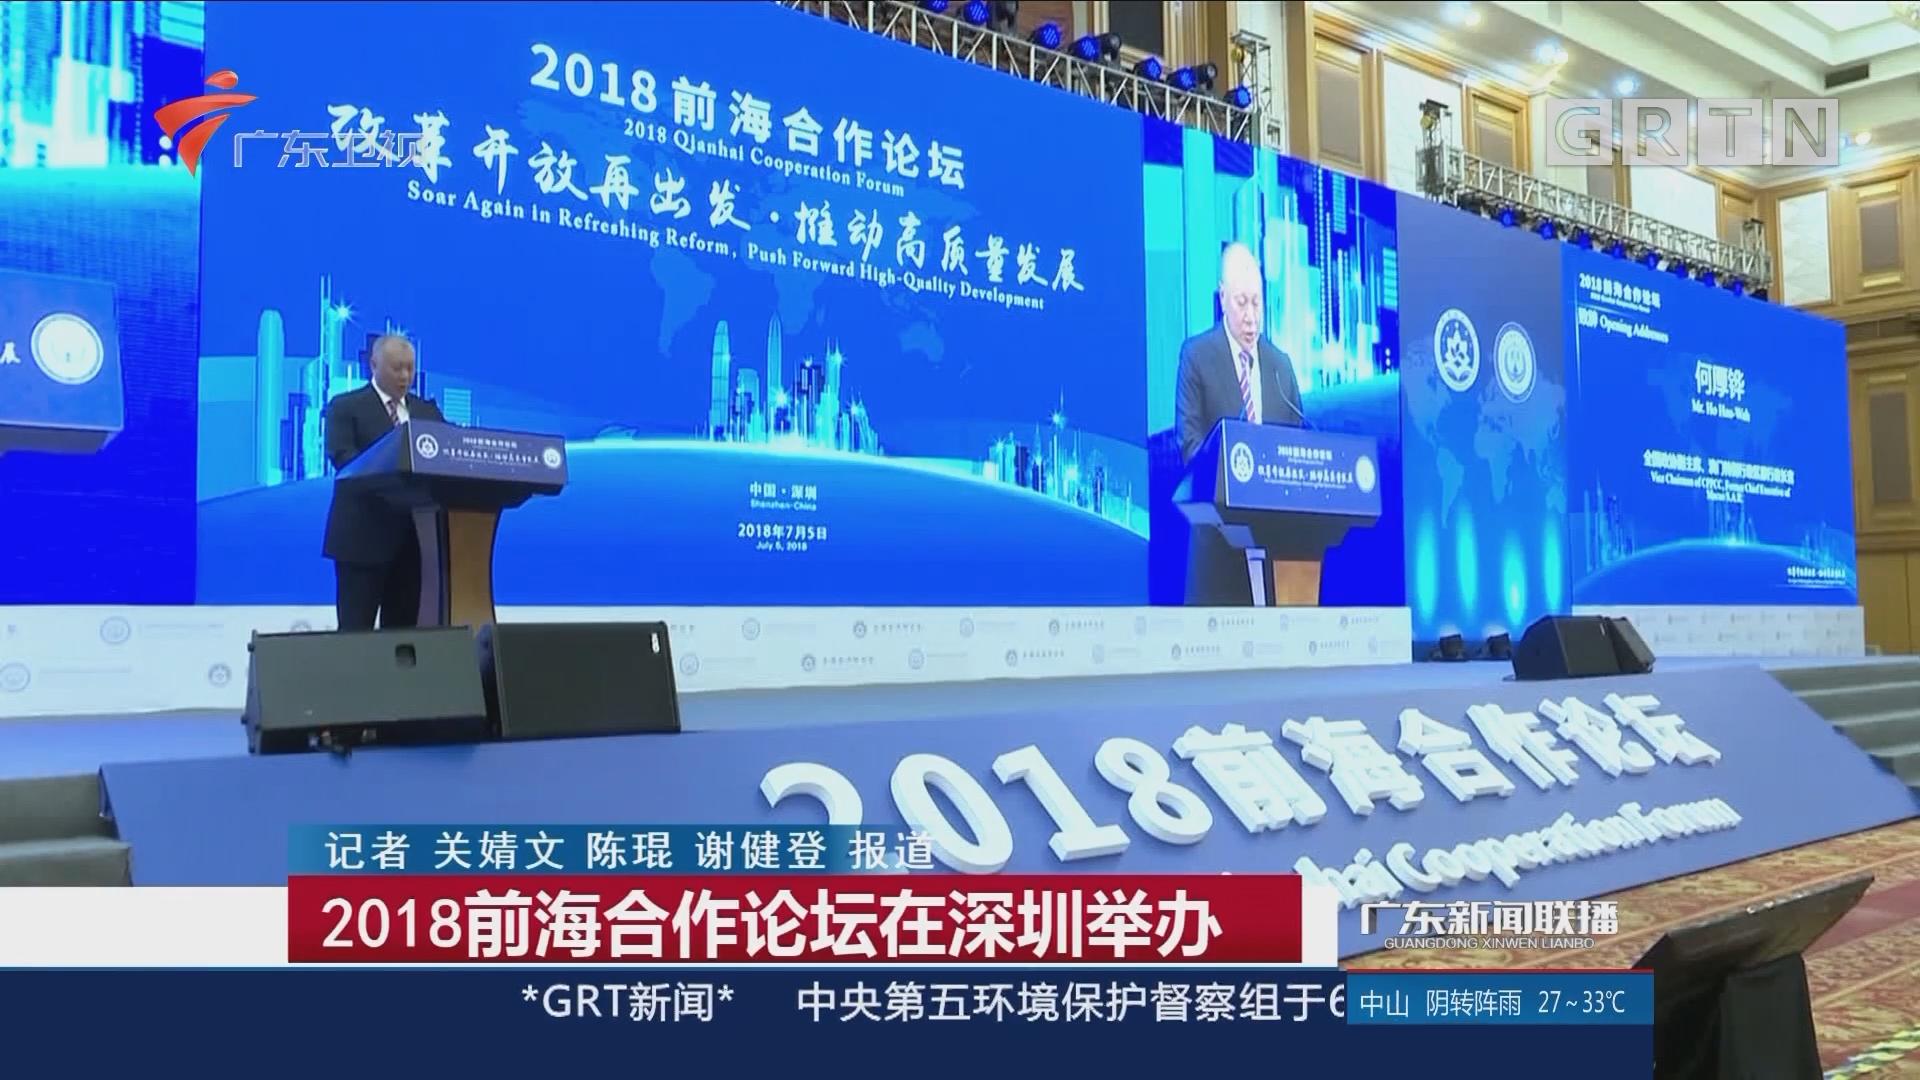 2018前海合作论坛在深圳举办